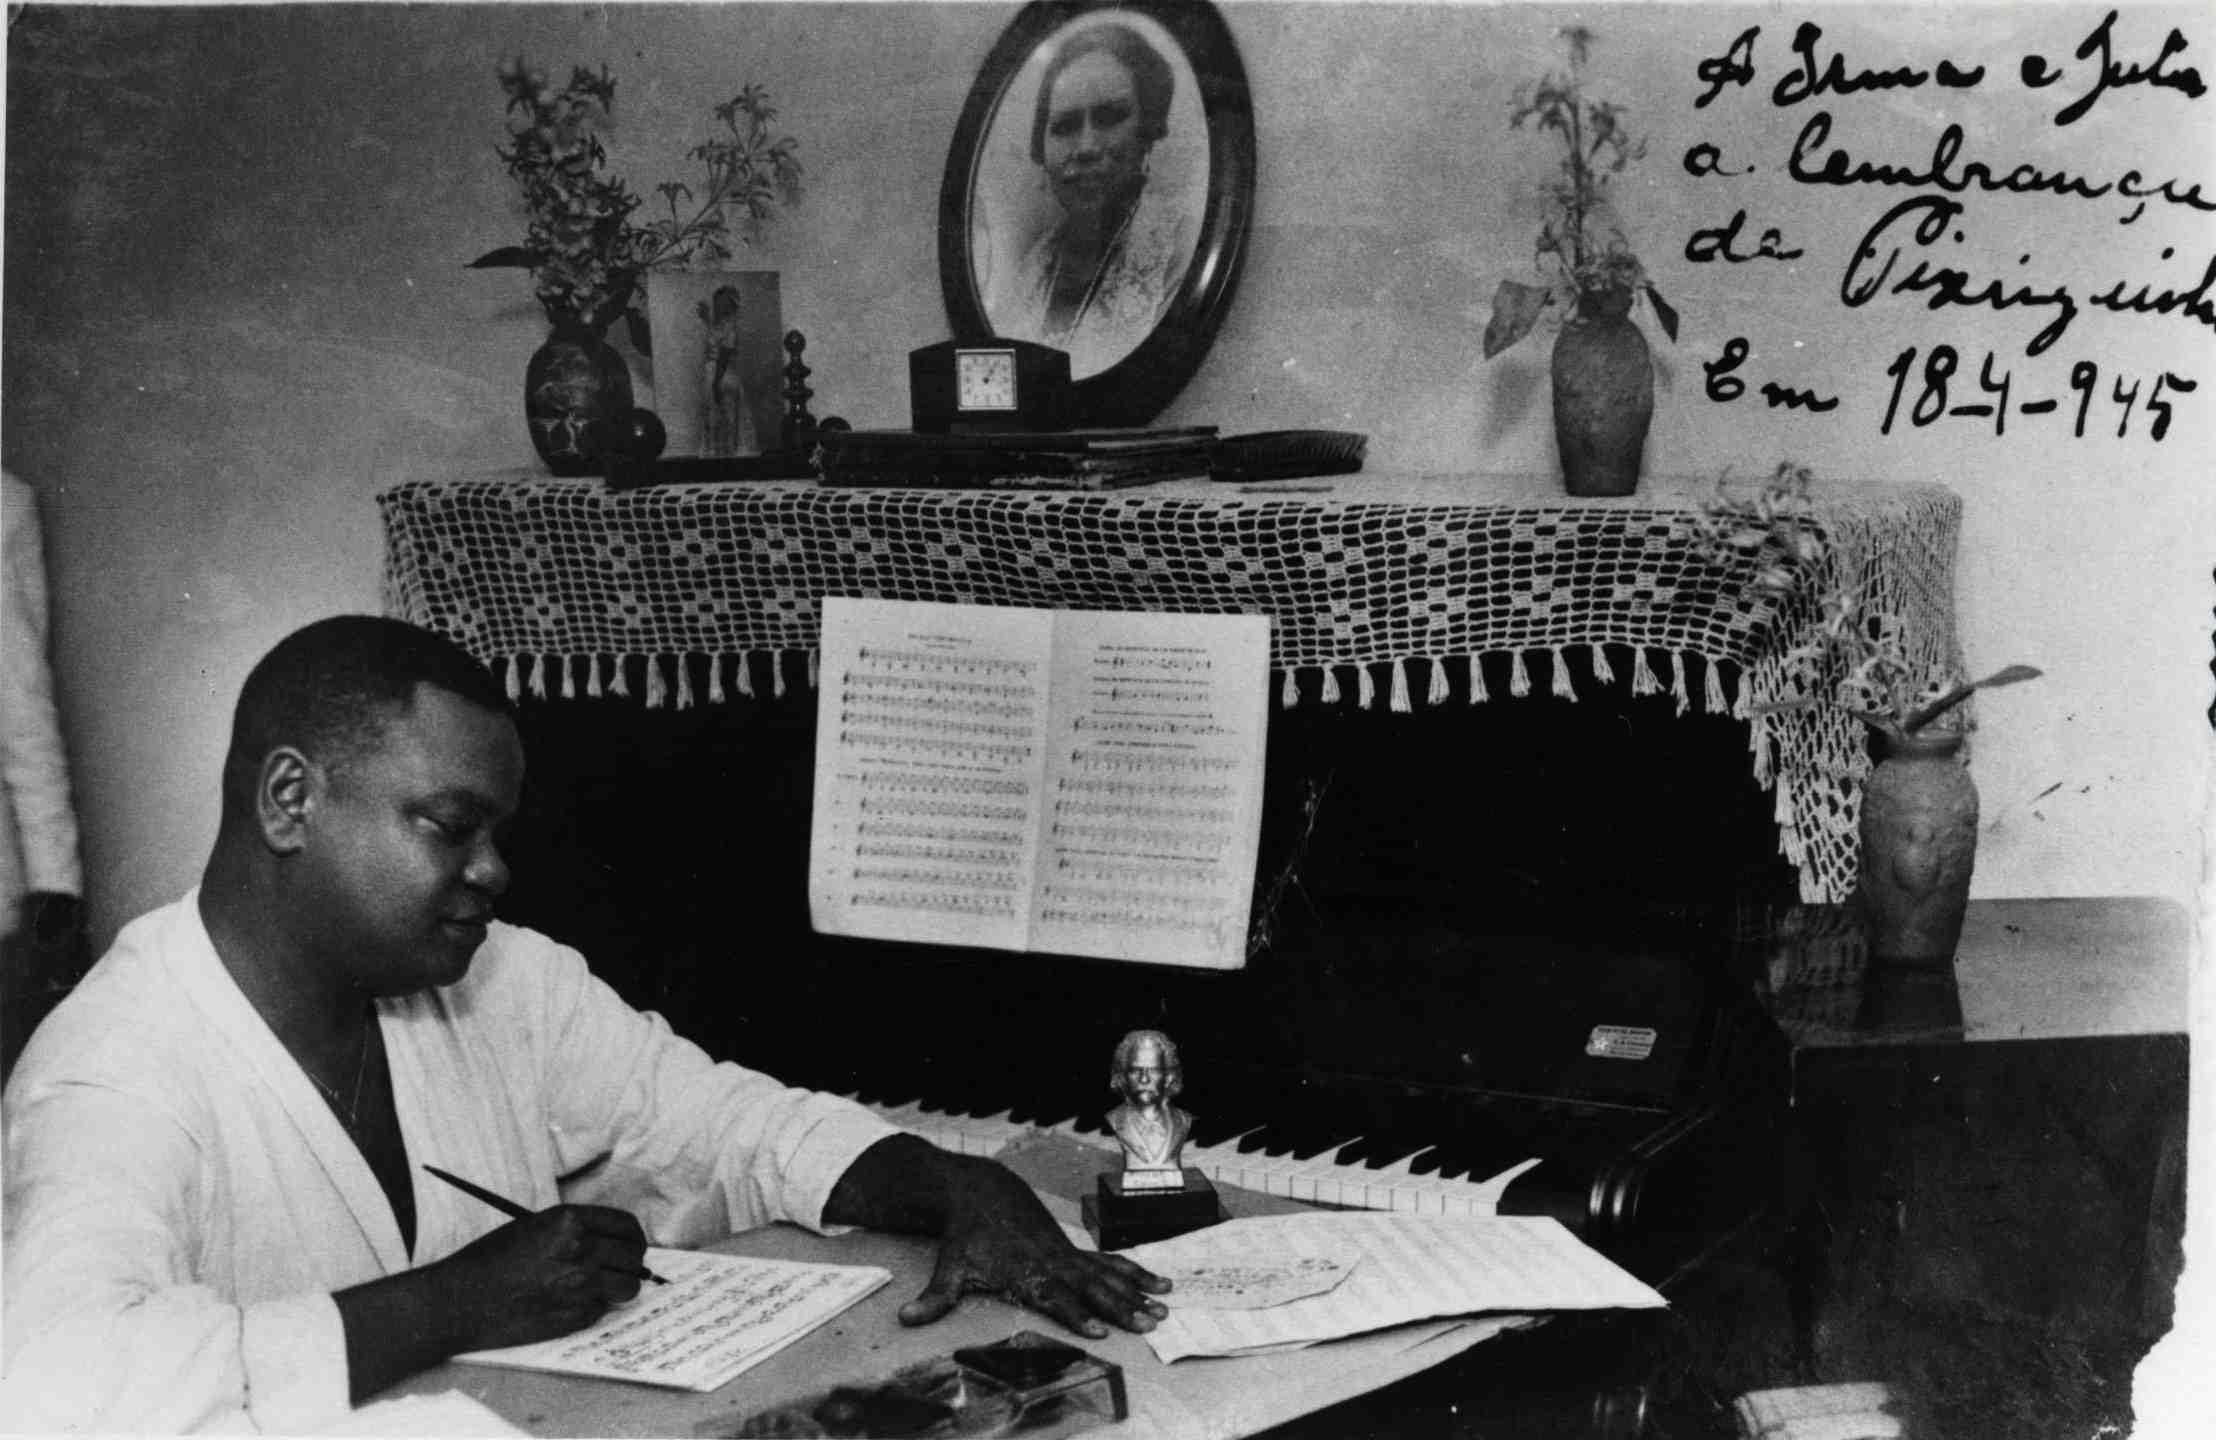 Pixinguinha trabalhando em casa. Foto autografada com dedicatória para Irma e Julia datada de 18/04/1945. Rio de Janeiro (IMS_PIX_A04F45P11 / Acervo Pixinguinha / IMS)